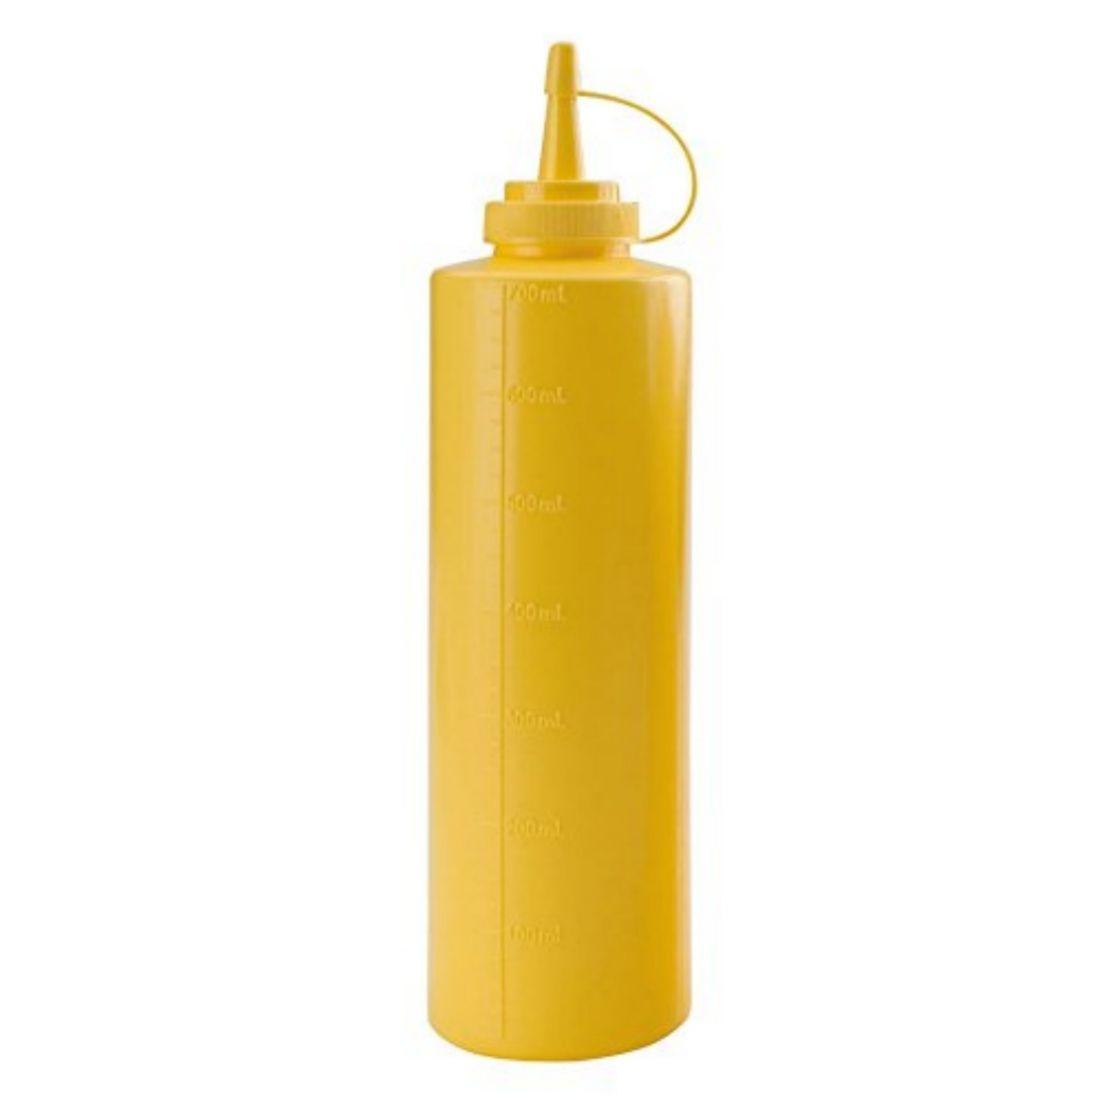 Dávkovač na omáčky žlutý 700 ml